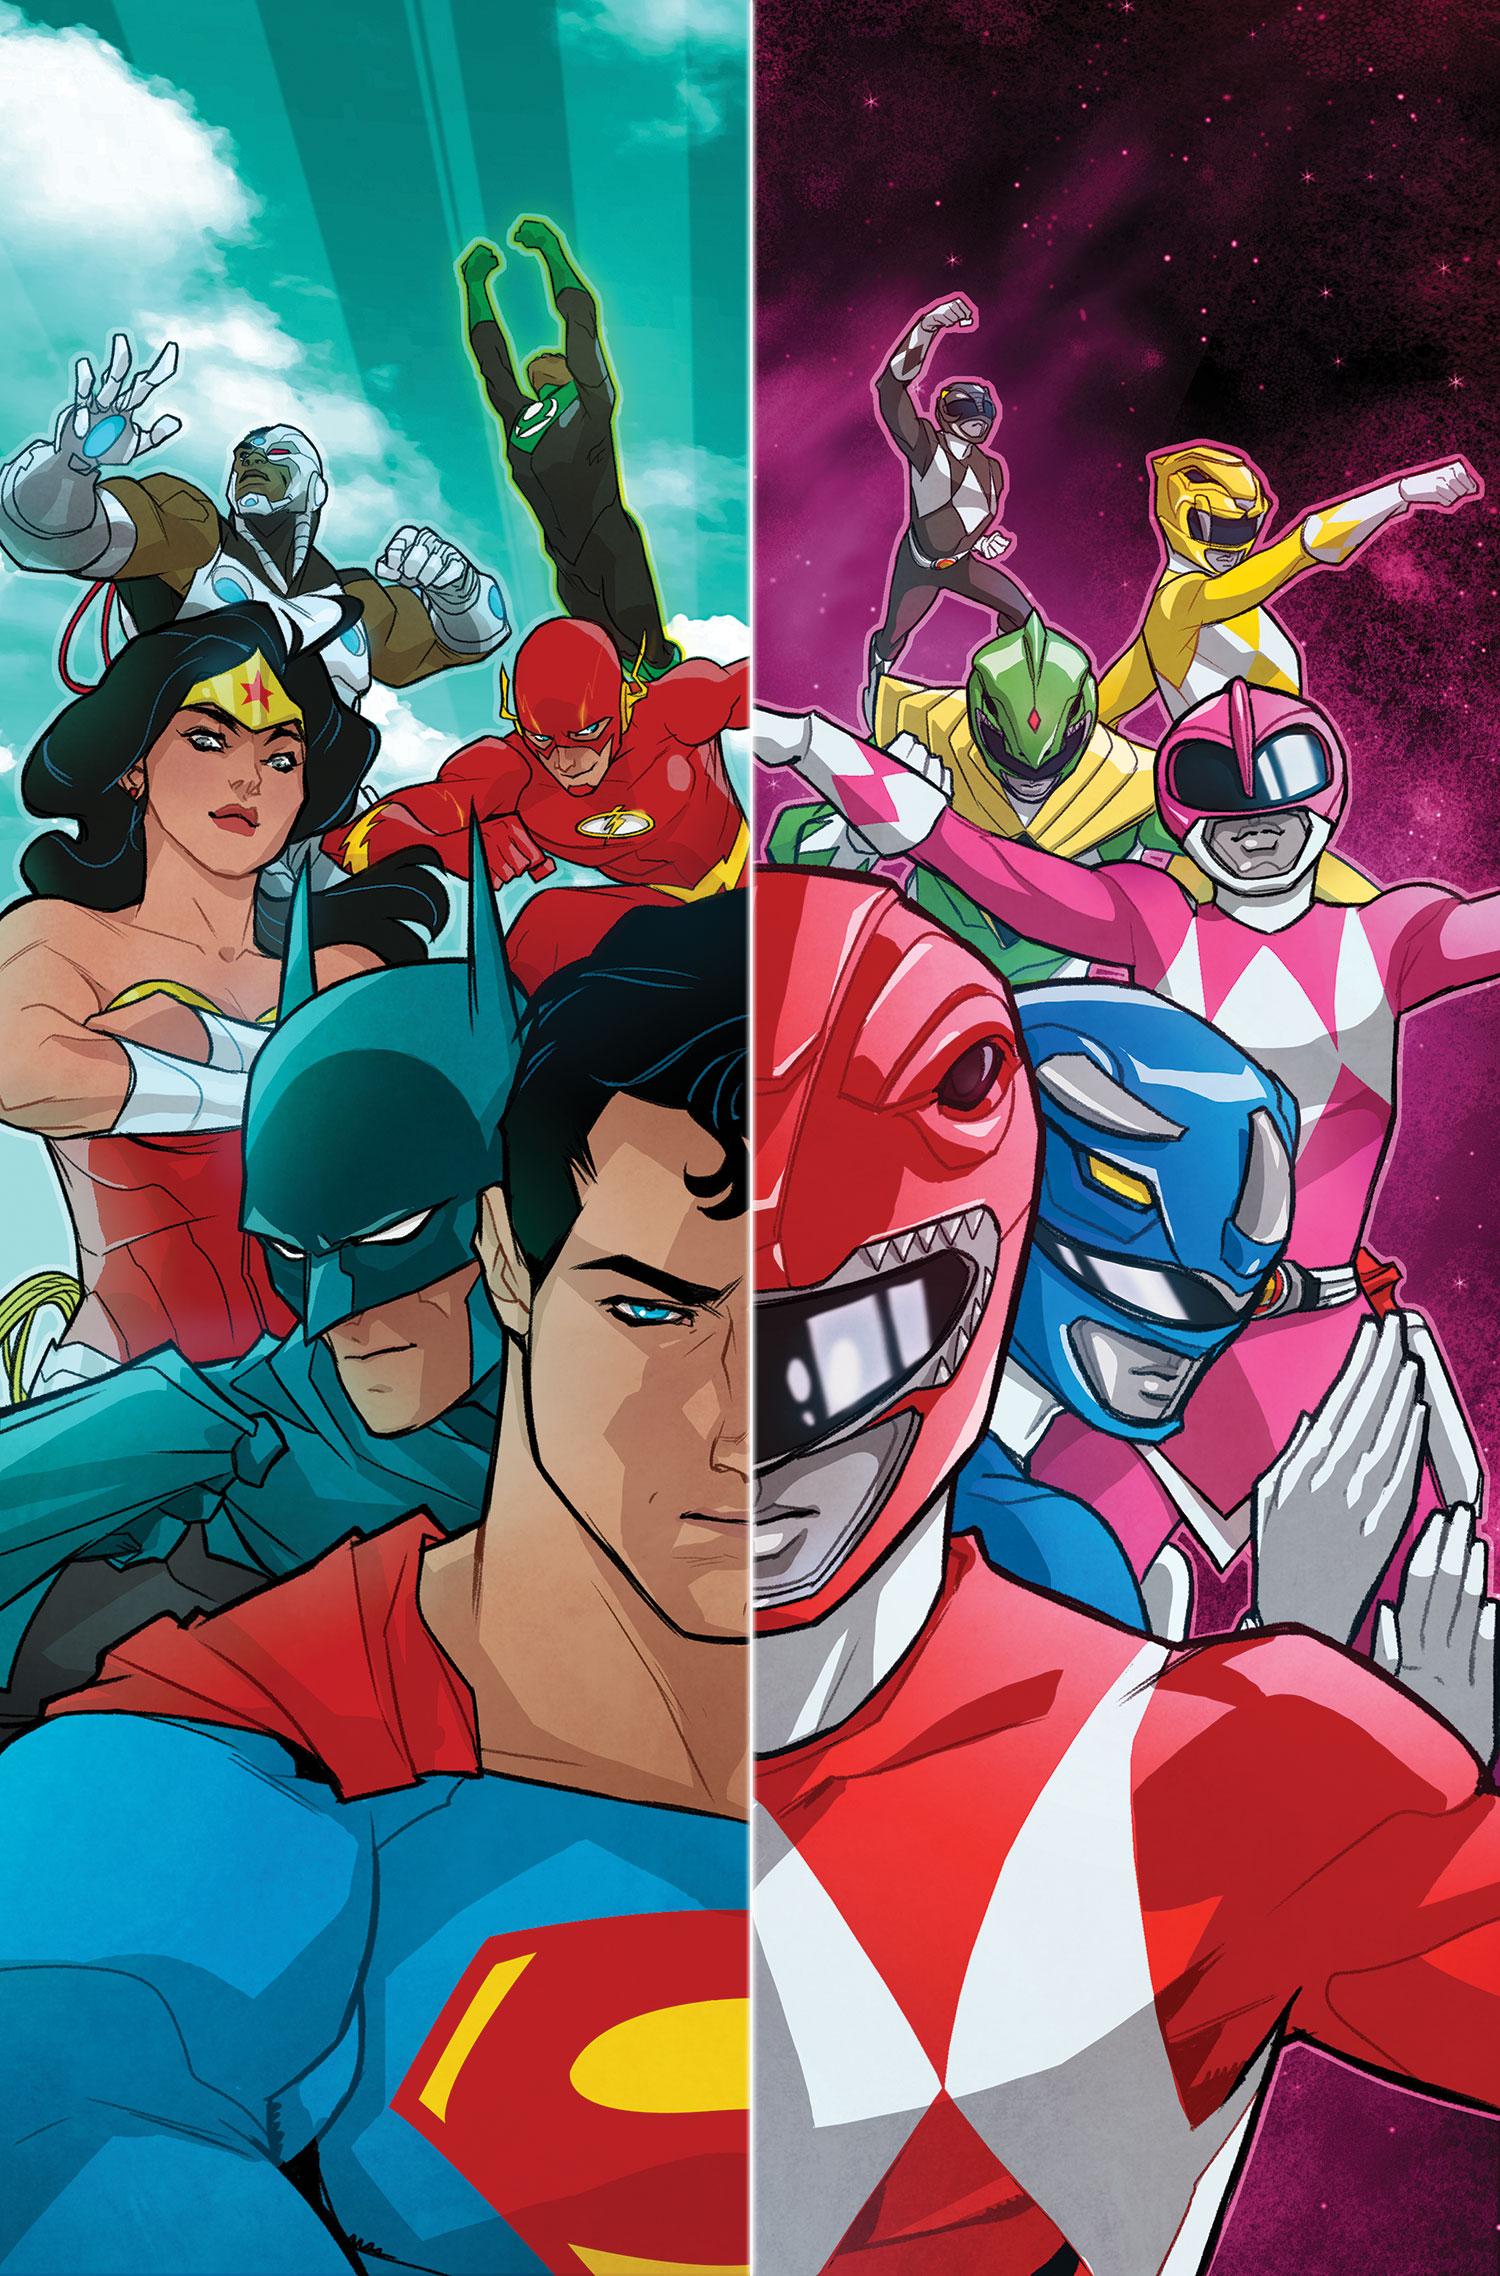 Justice League vs Power Rangers 1